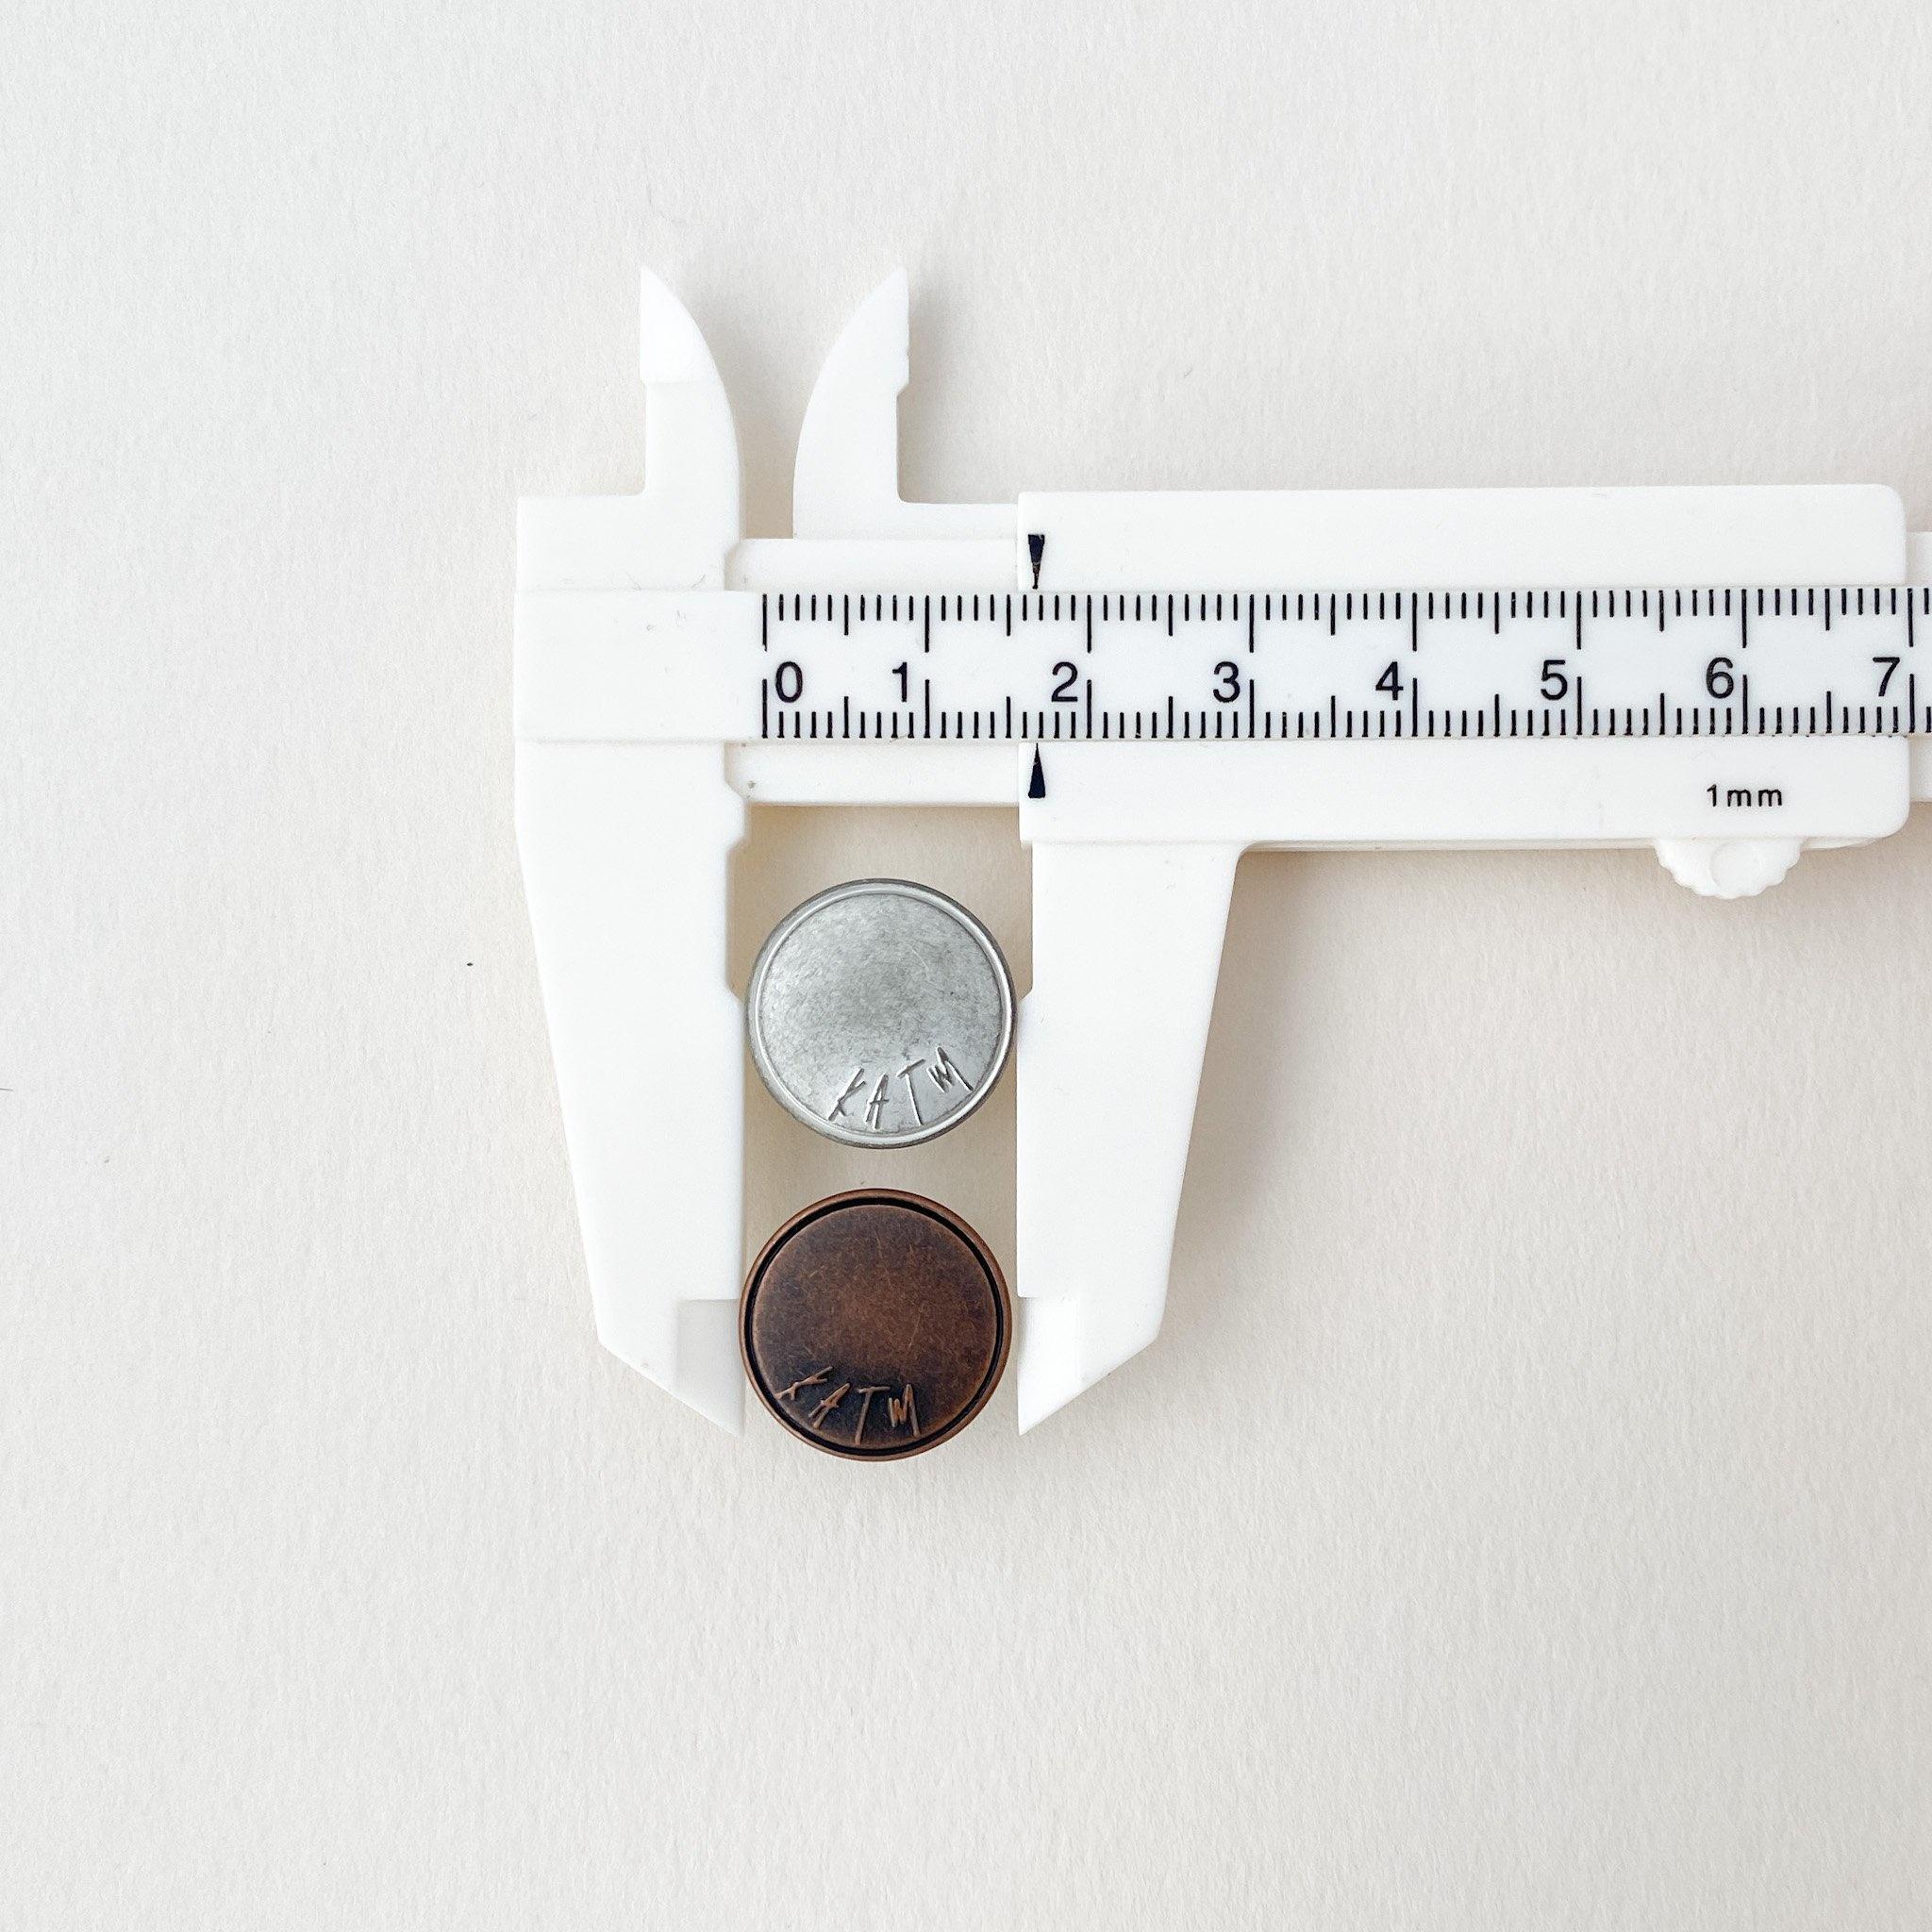 Kylie and the Machine Kylie and the Machine Dungaree Overalls Hardware Kit - Copper